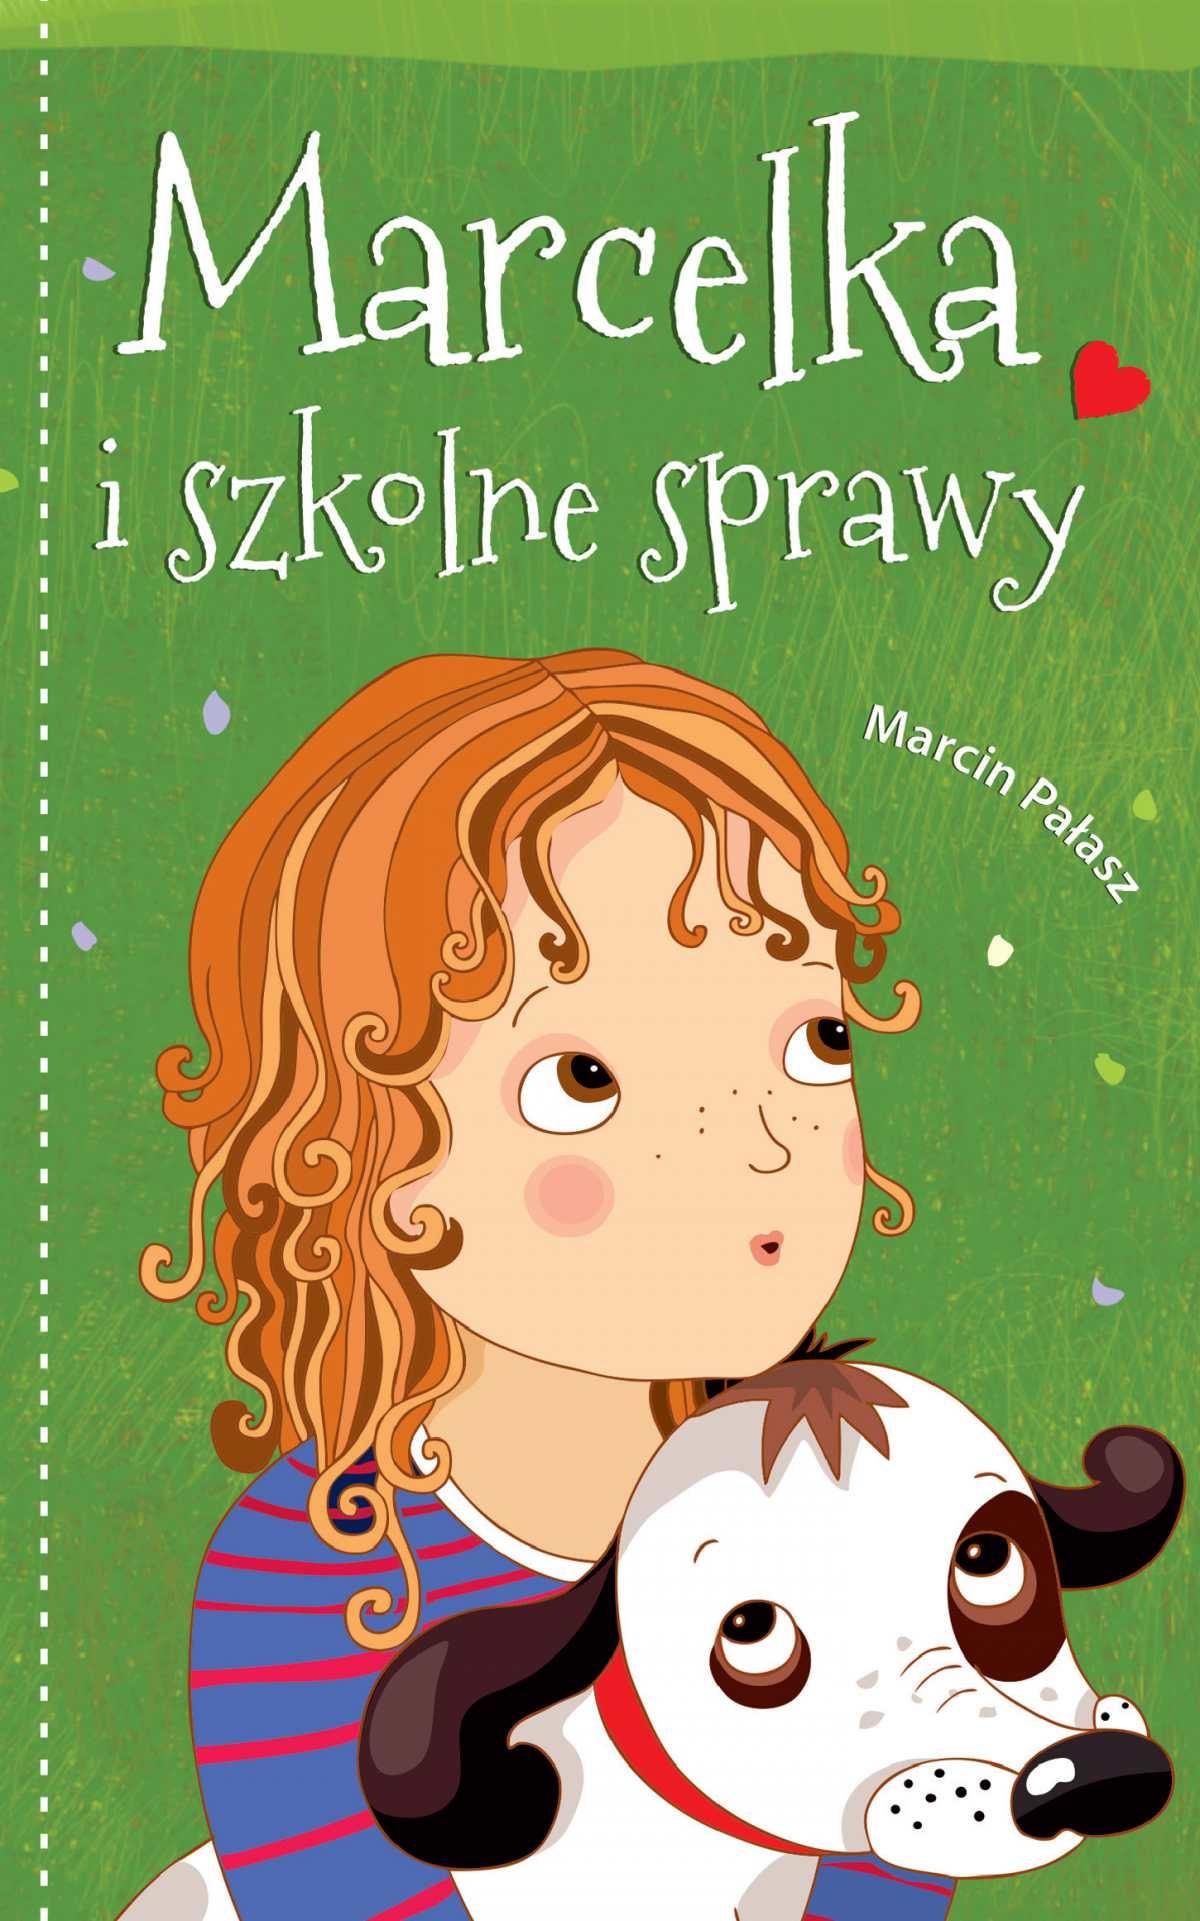 Marcelka i szkolne sprawy - Ebook (Książka na Kindle) do pobrania w formacie MOBI